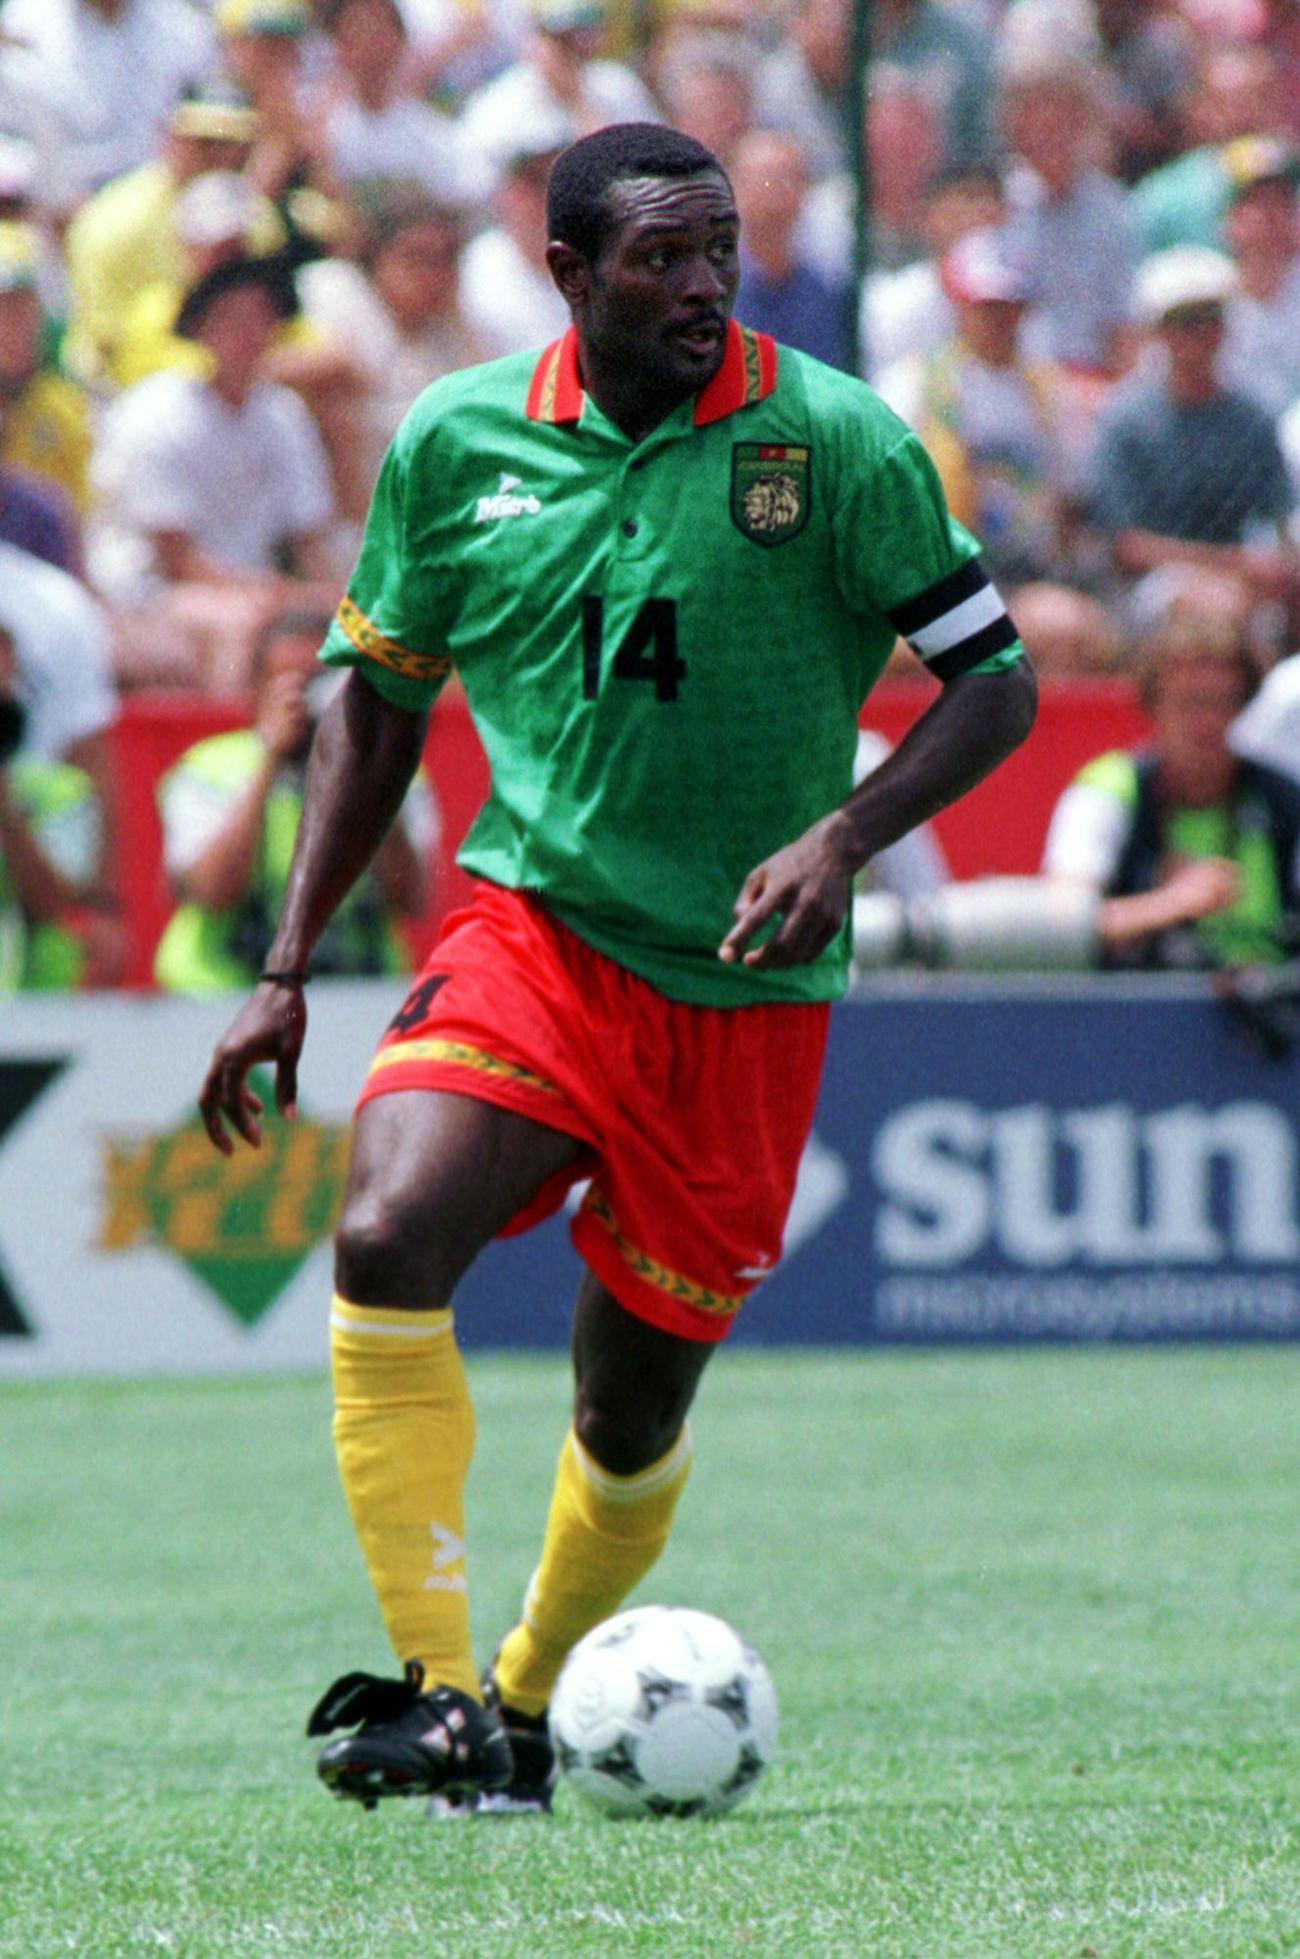 W杯米国大会ブラジル戦 ボールをキープするカメルーンDFステファン・タタウ氏(1994年6月24日)